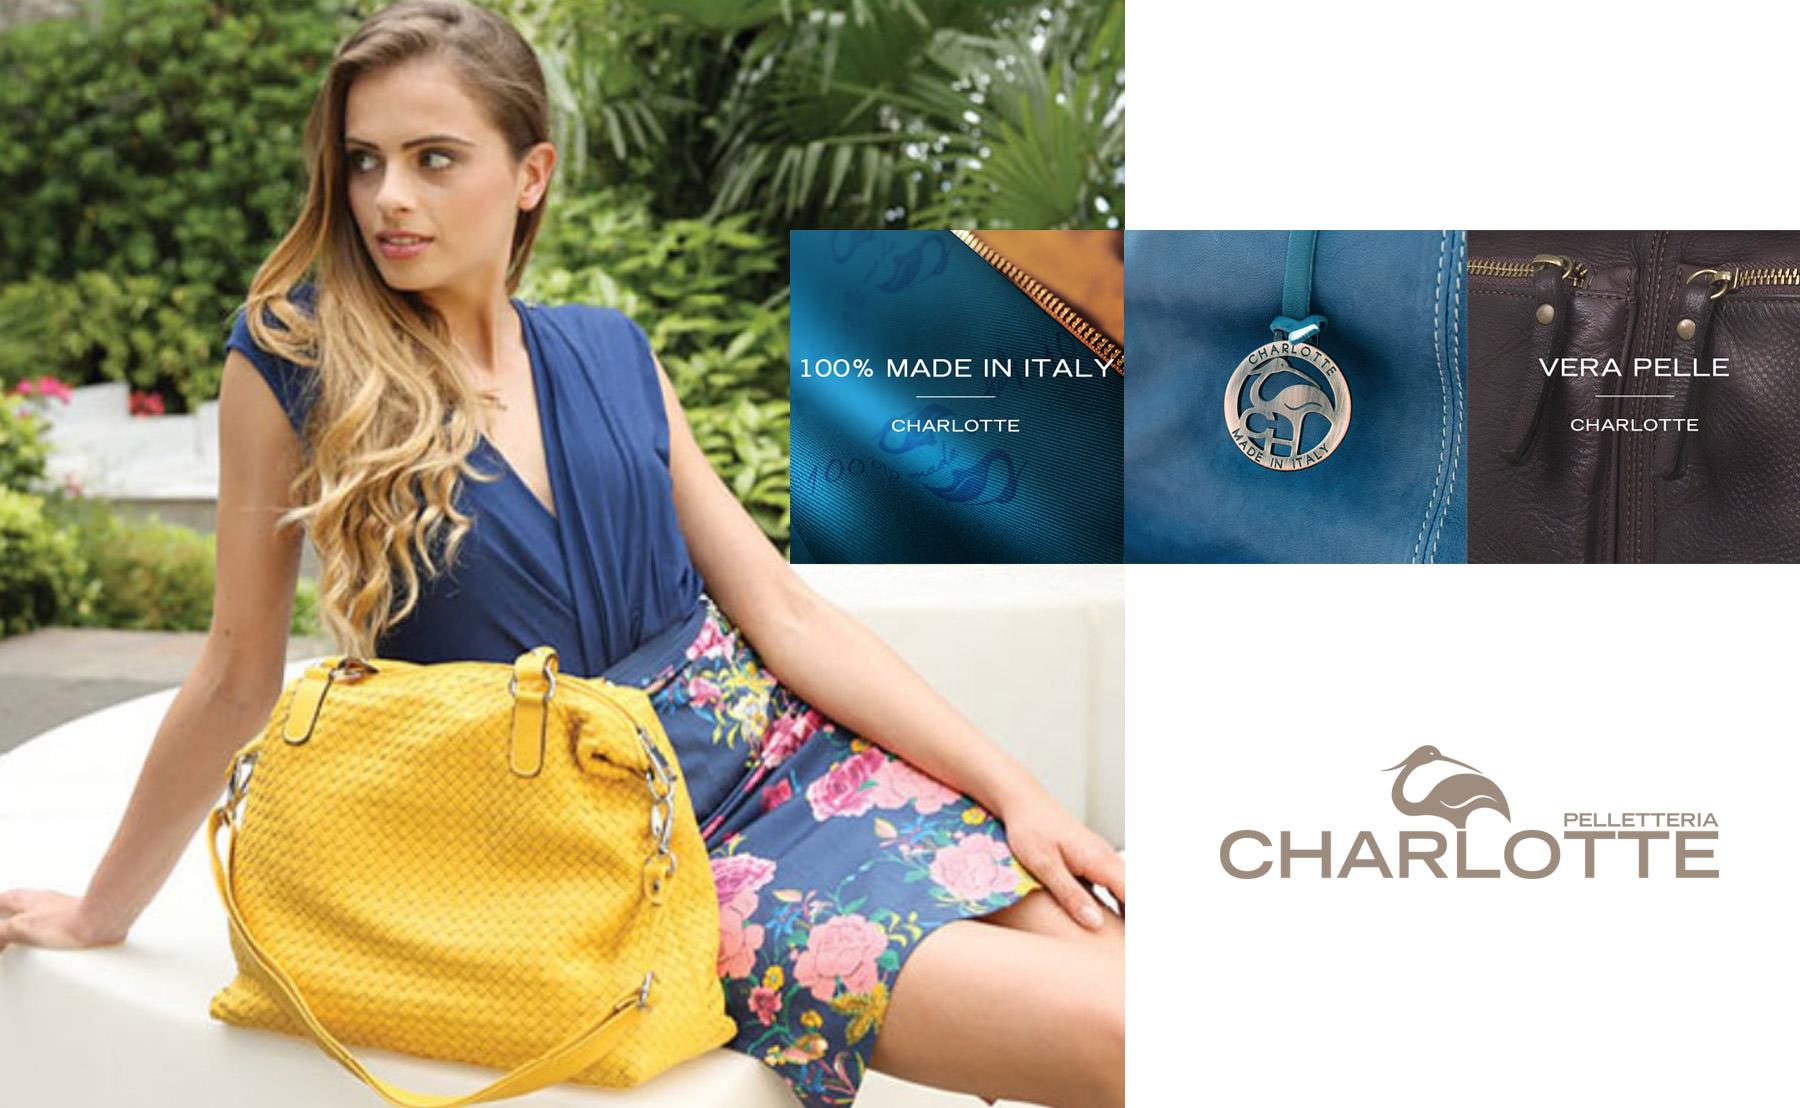 Charlotte borse